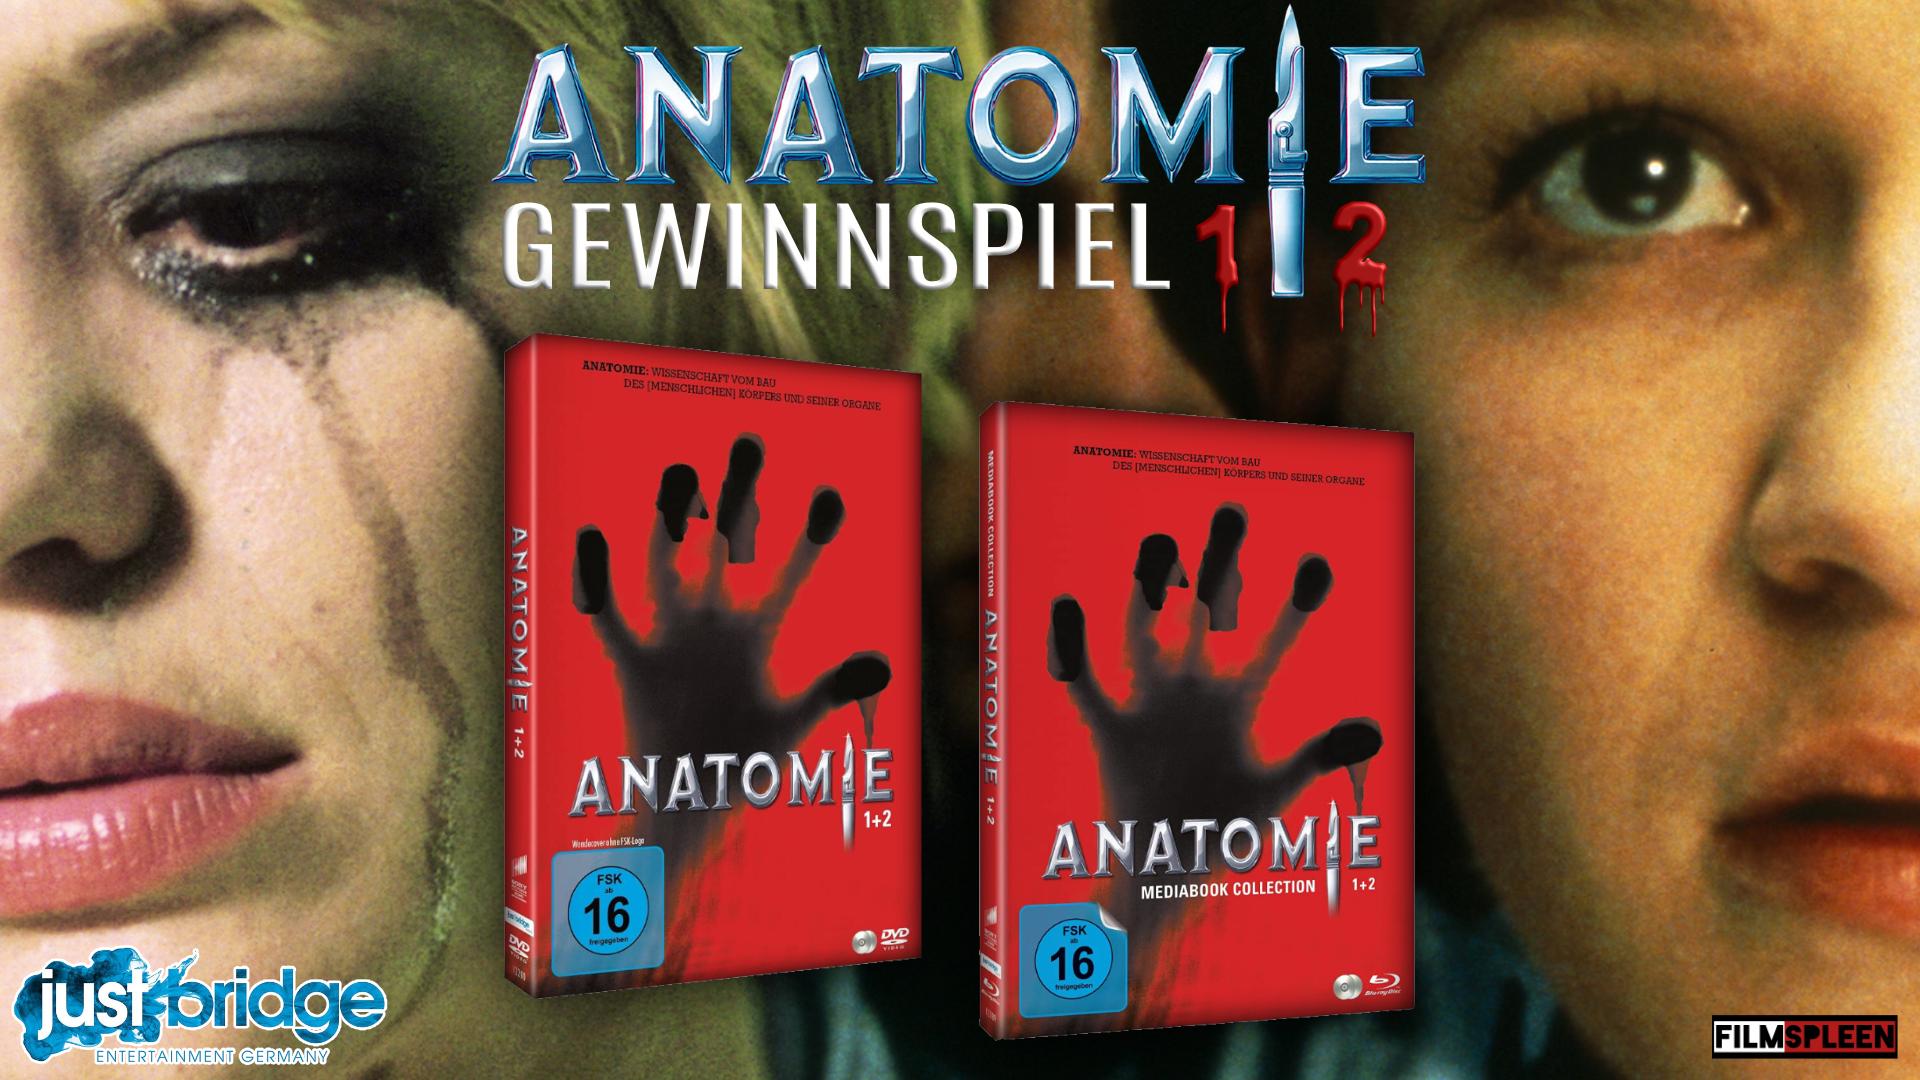 ANATOMIE_1_2_GWS